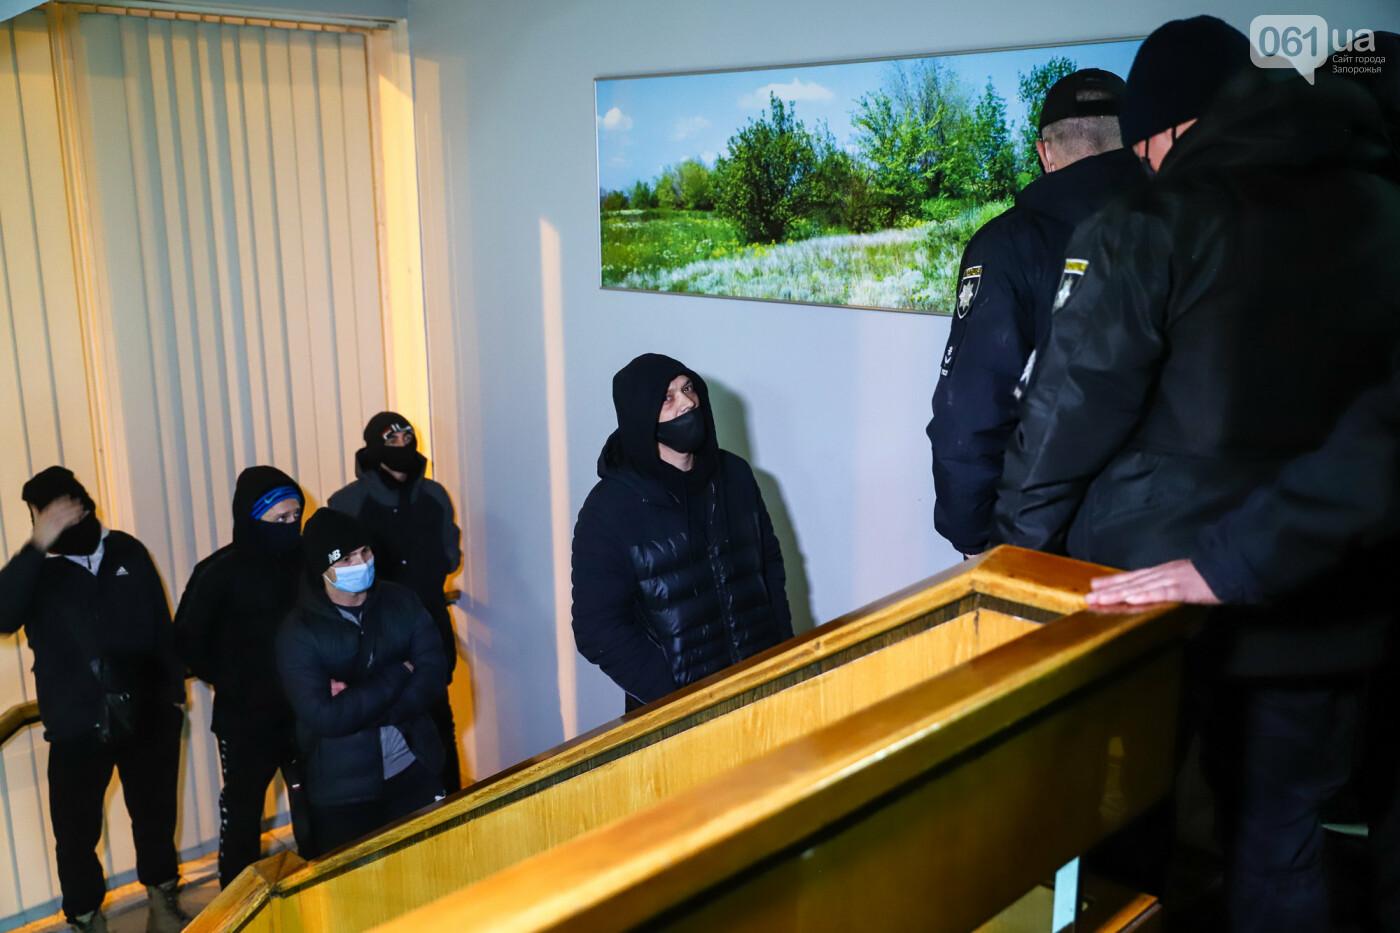 """Тайная """"сессия"""", сотни правоохранителей и стычки с активистами - что происходило в здании Запорожского облсовета, - ФОТО, ВИДЕО , фото-51"""